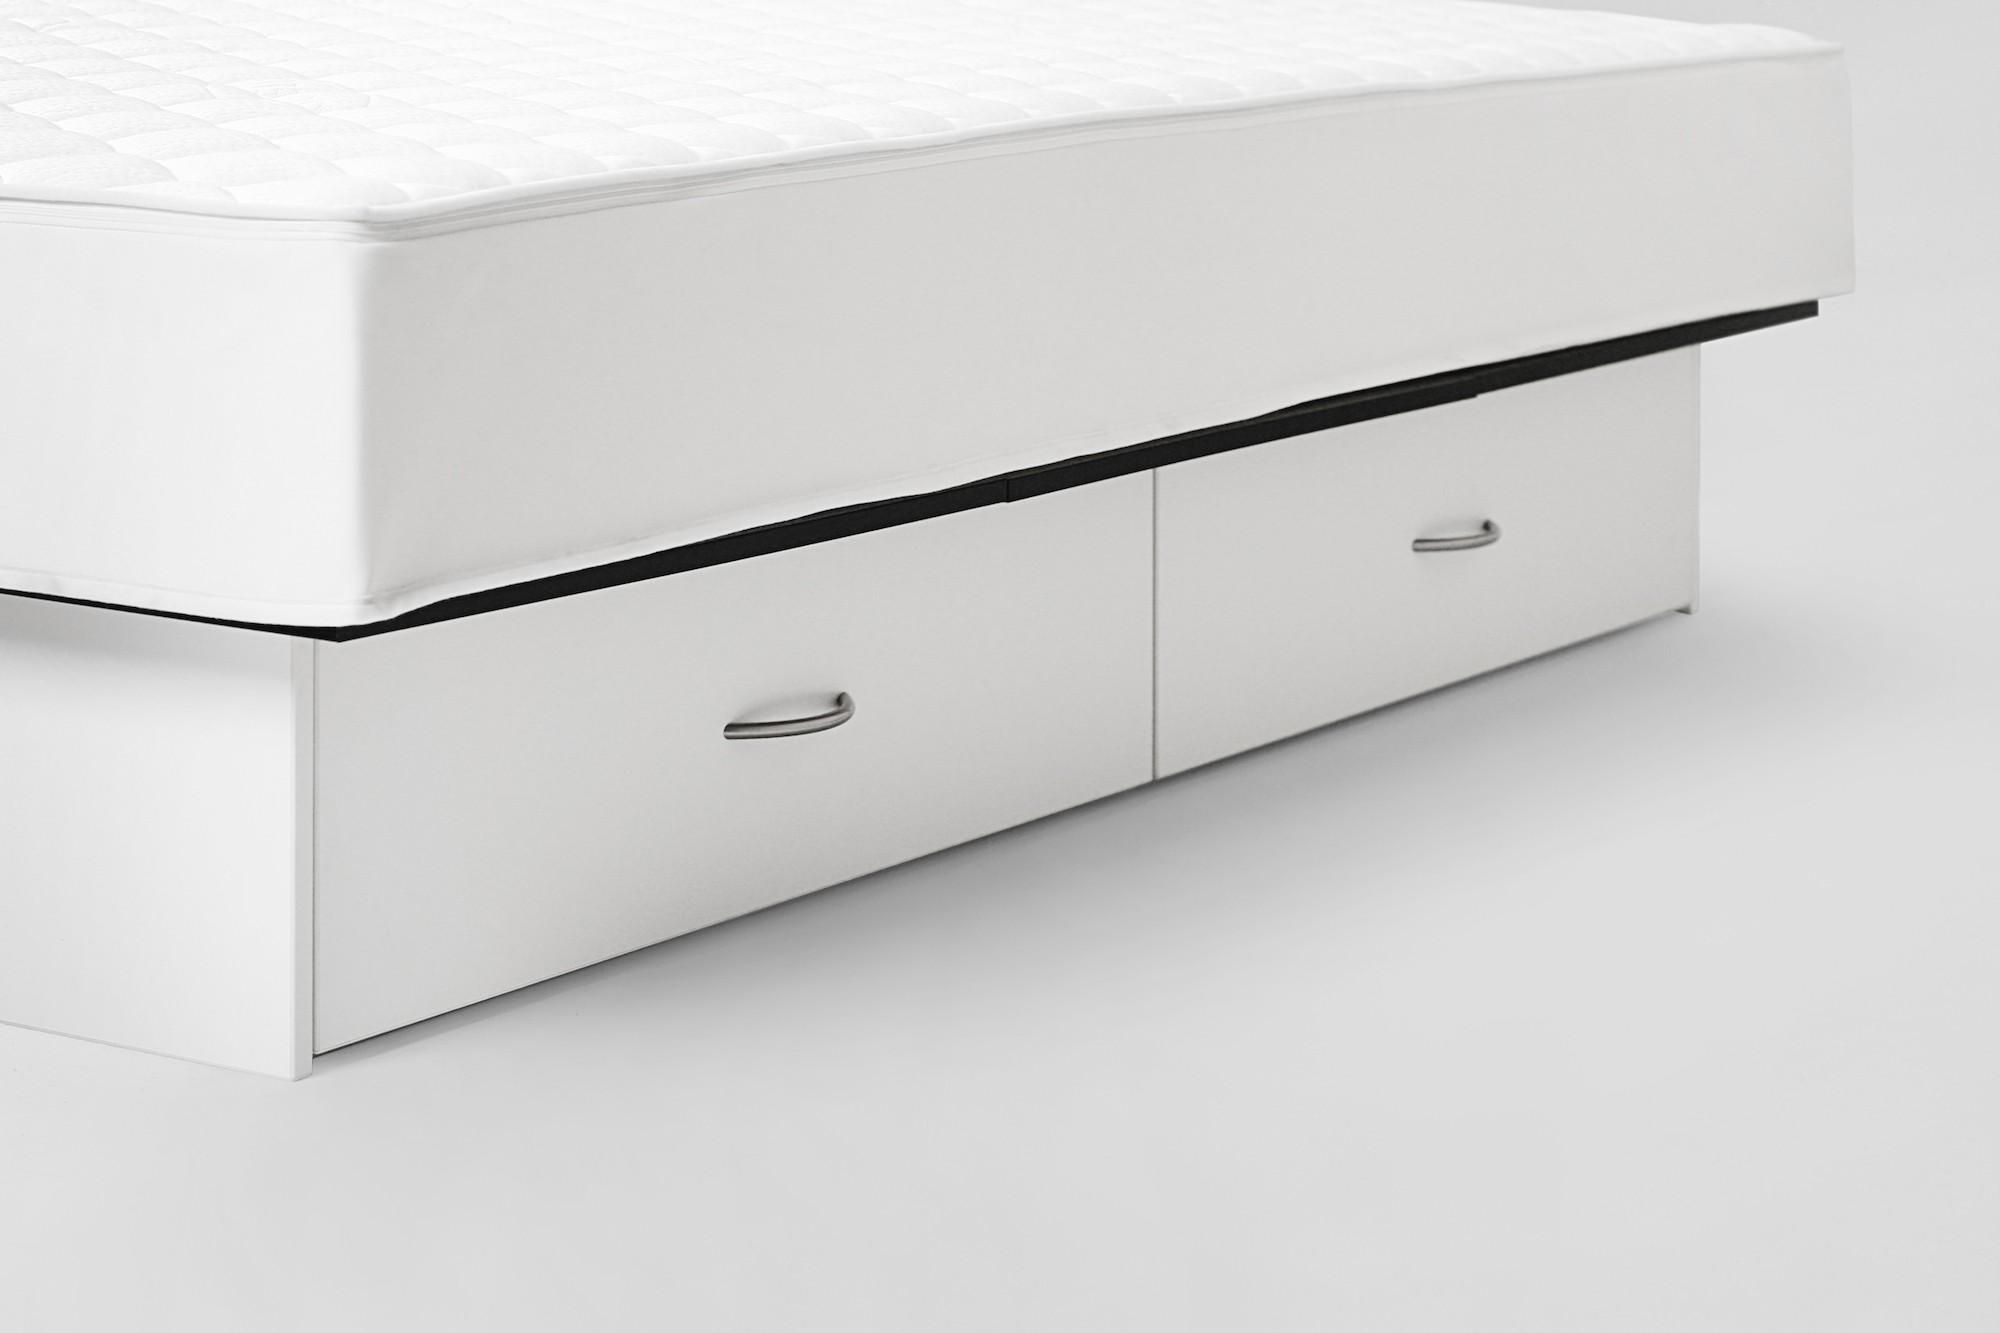 luxus wasserbett mit xl schubladenpodest weiss. Black Bedroom Furniture Sets. Home Design Ideas